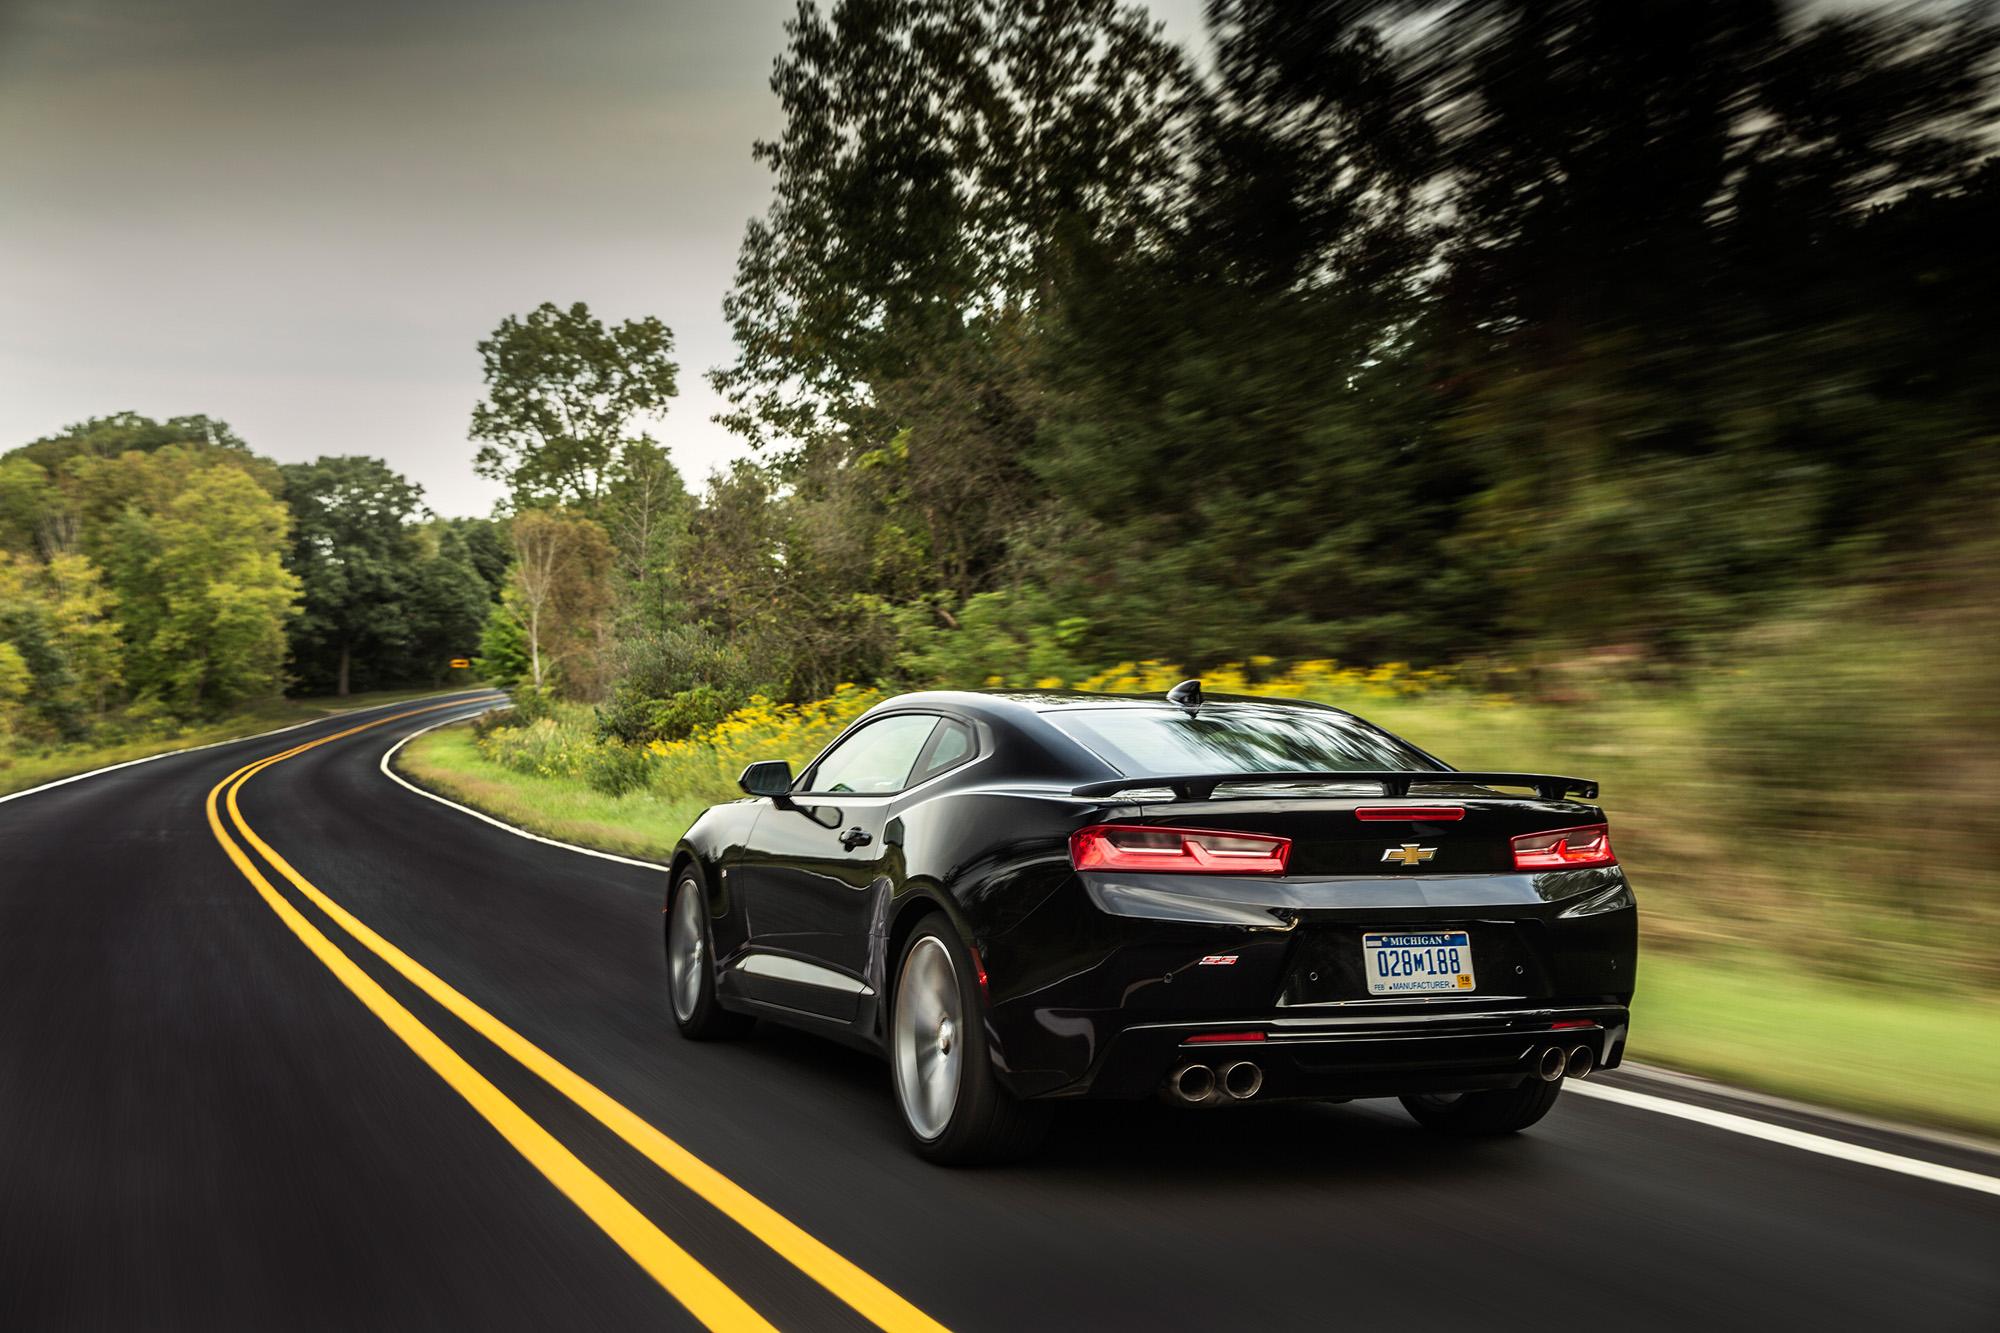 In der Topmotorisierung kommt beim Chevrolet Camaro SS nach wie vor ein hubraumstarker Achtzylinder zum Einsatz.